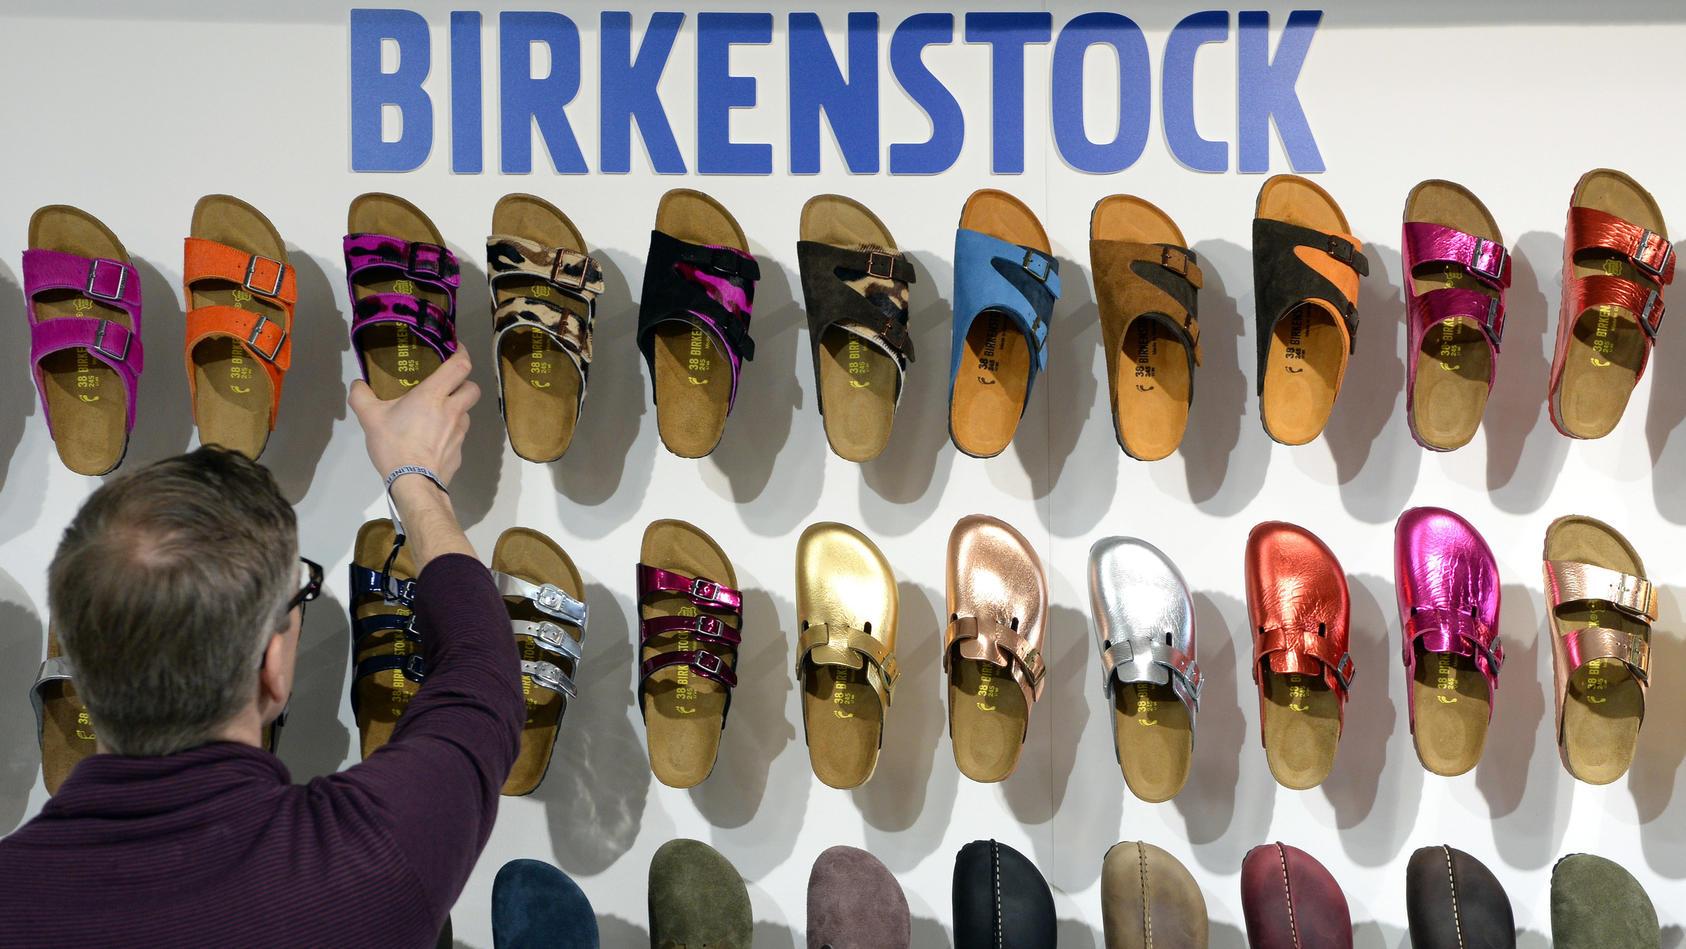 Sandalen der Kultmarke Birkenstock: Diese Modelle sind im Trend.